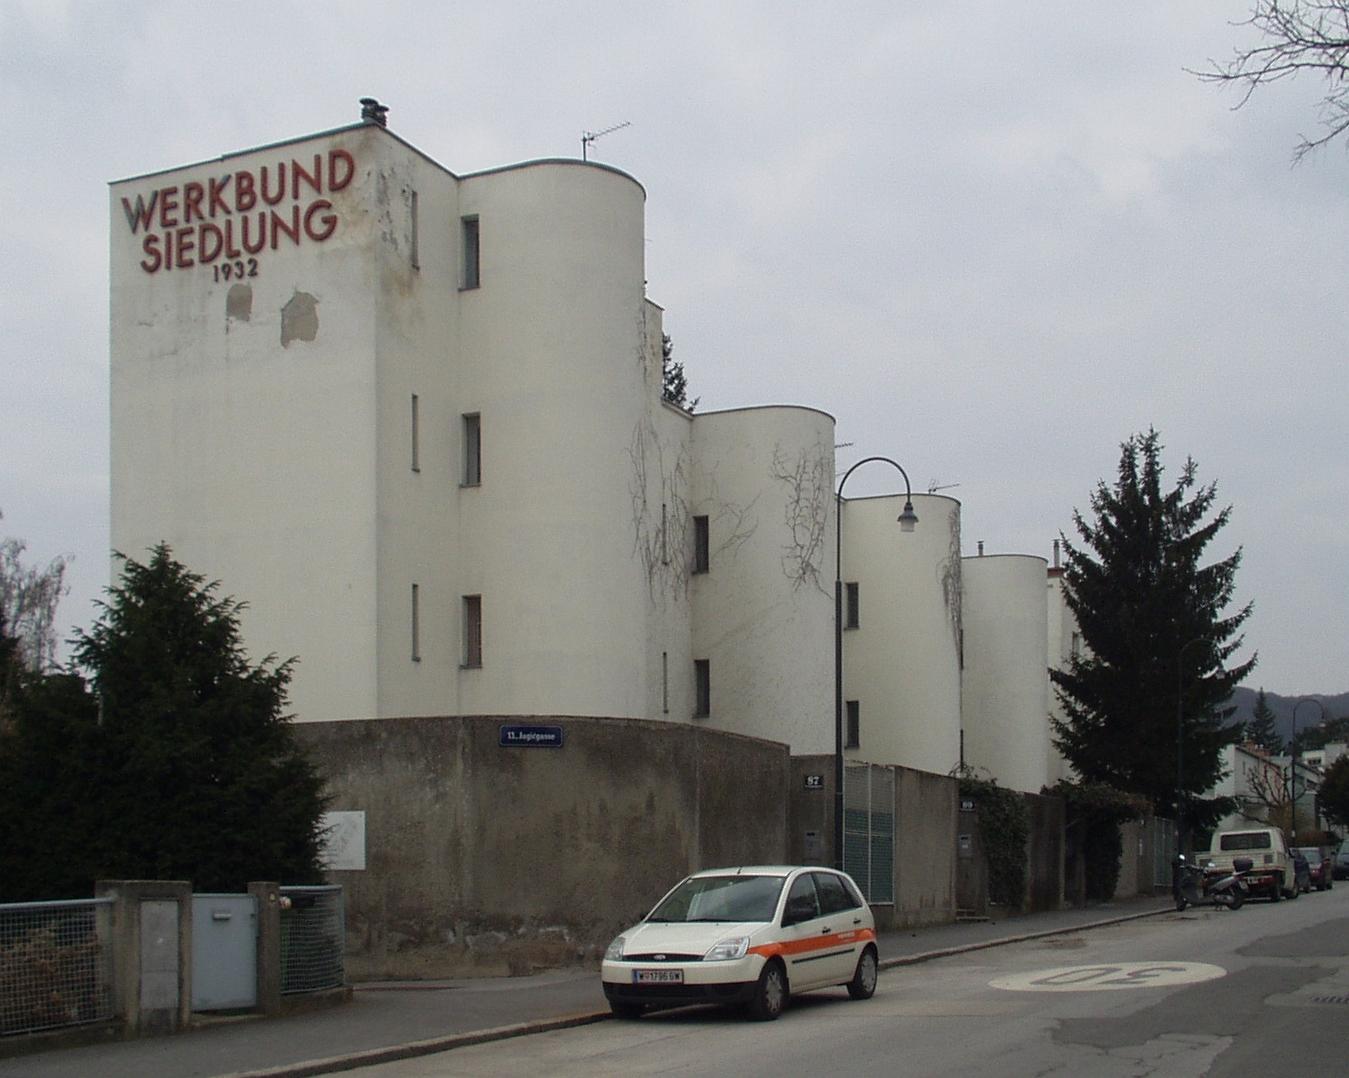 Andre_Lurcat,_1931-1932,_A1130_Wien,_Veitingergasse_87-93,_Werkbundsieldung.jpg